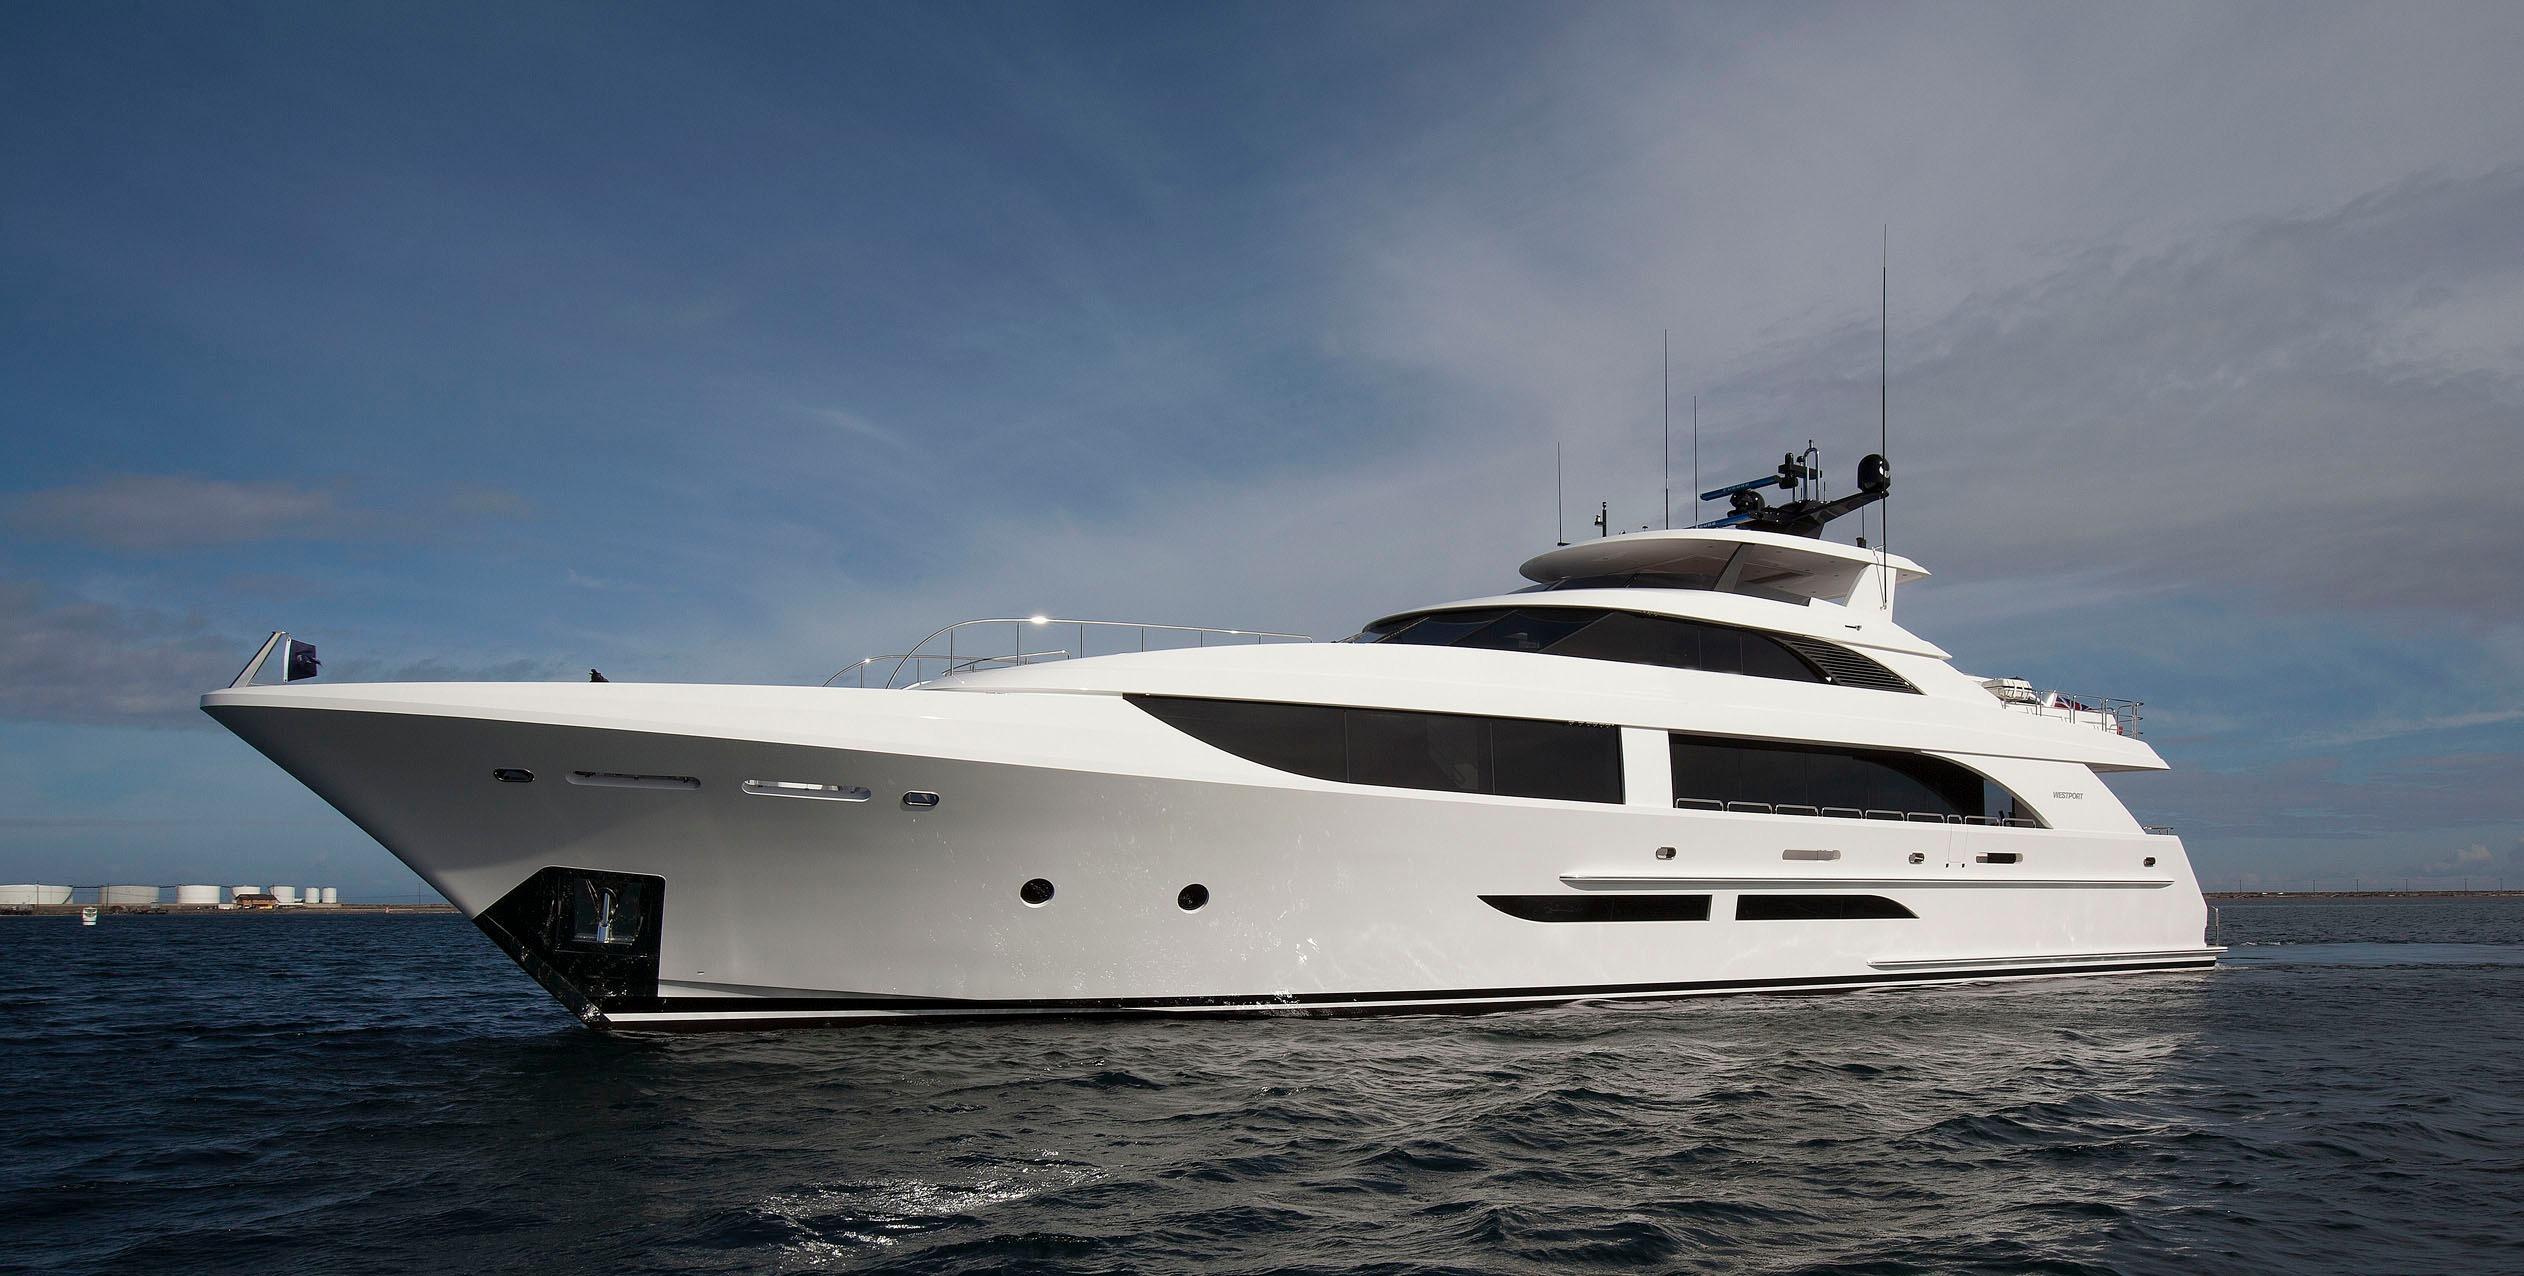 2019 Westport 125 38 METER Power Boat For Sale Www